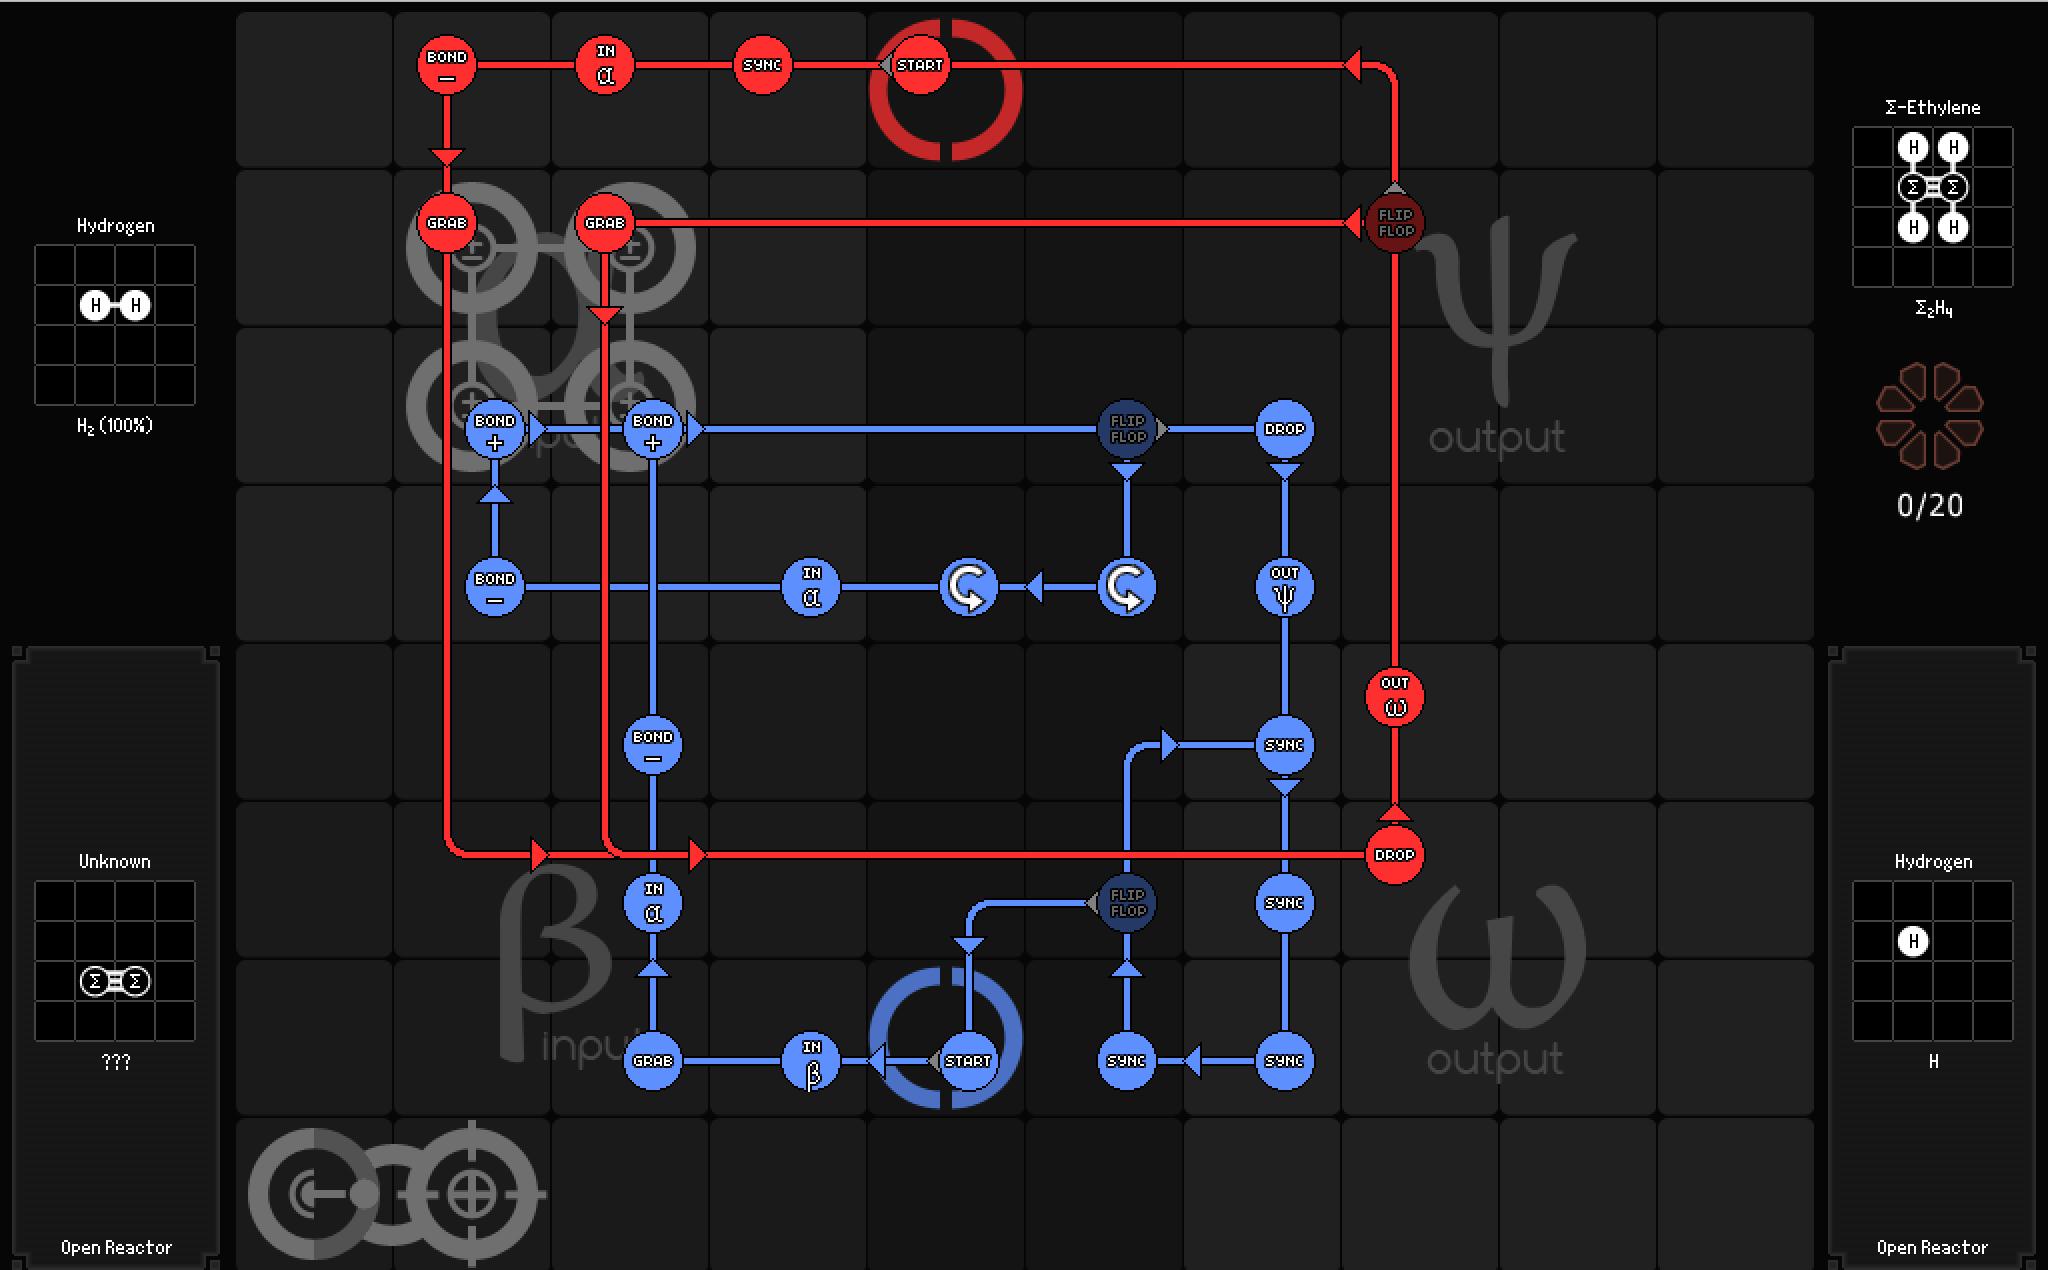 1_Story_Mode/8_Flidais/SpaceChem-8.5.a/Reactor_1.png